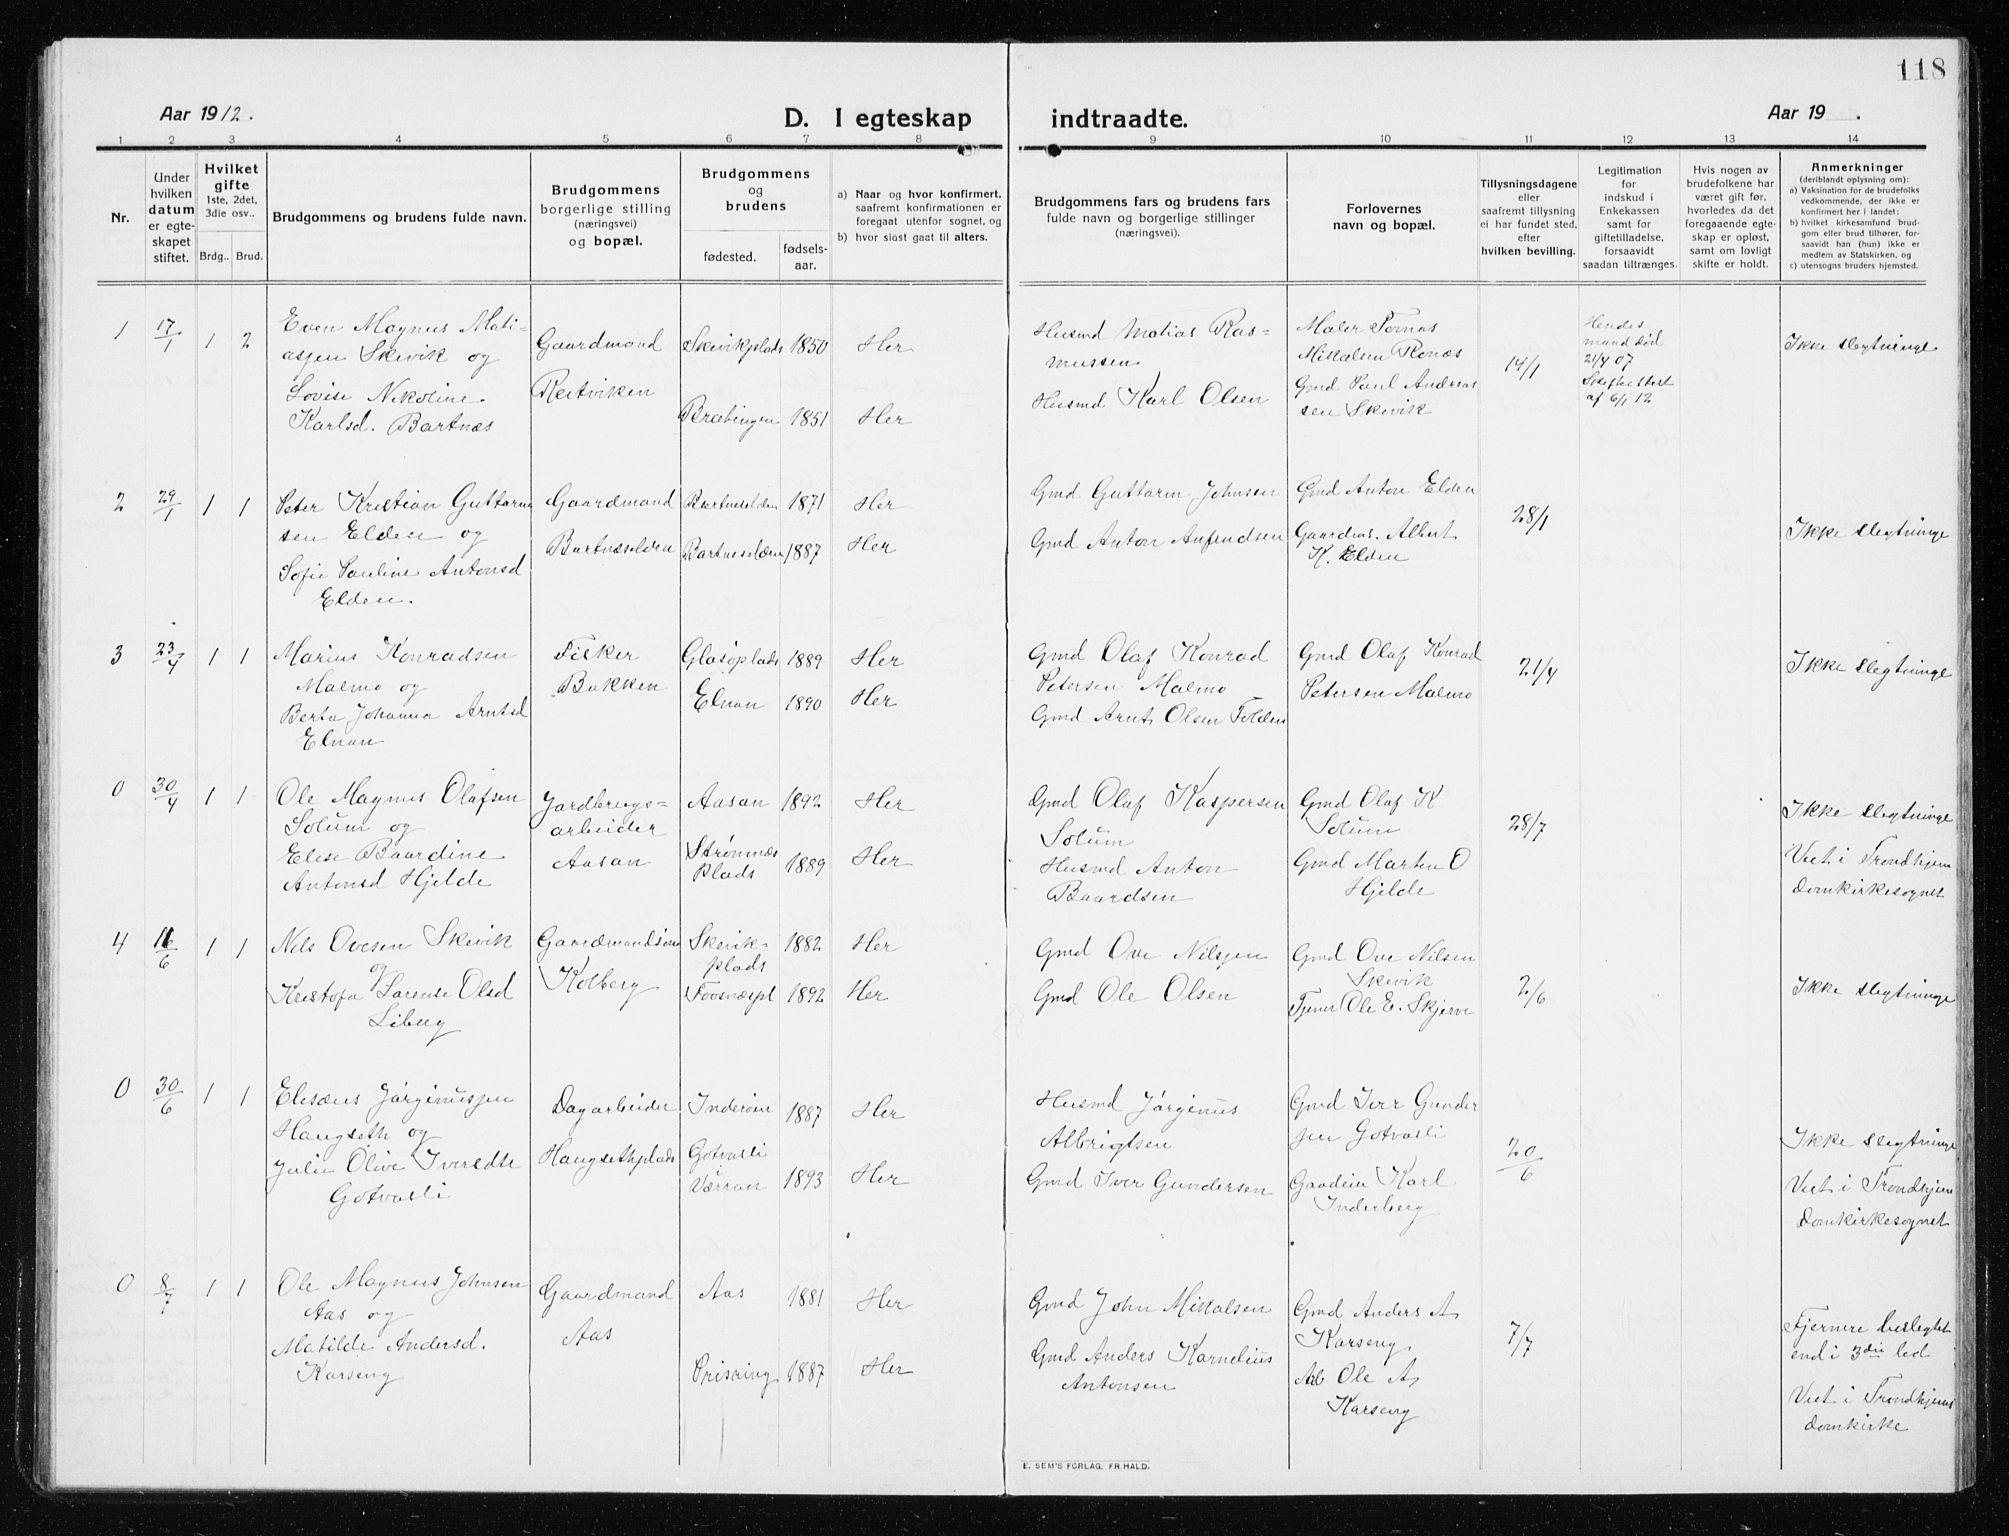 SAT, Ministerialprotokoller, klokkerbøker og fødselsregistre - Nord-Trøndelag, 741/L0402: Klokkerbok nr. 741C03, 1911-1926, s. 118